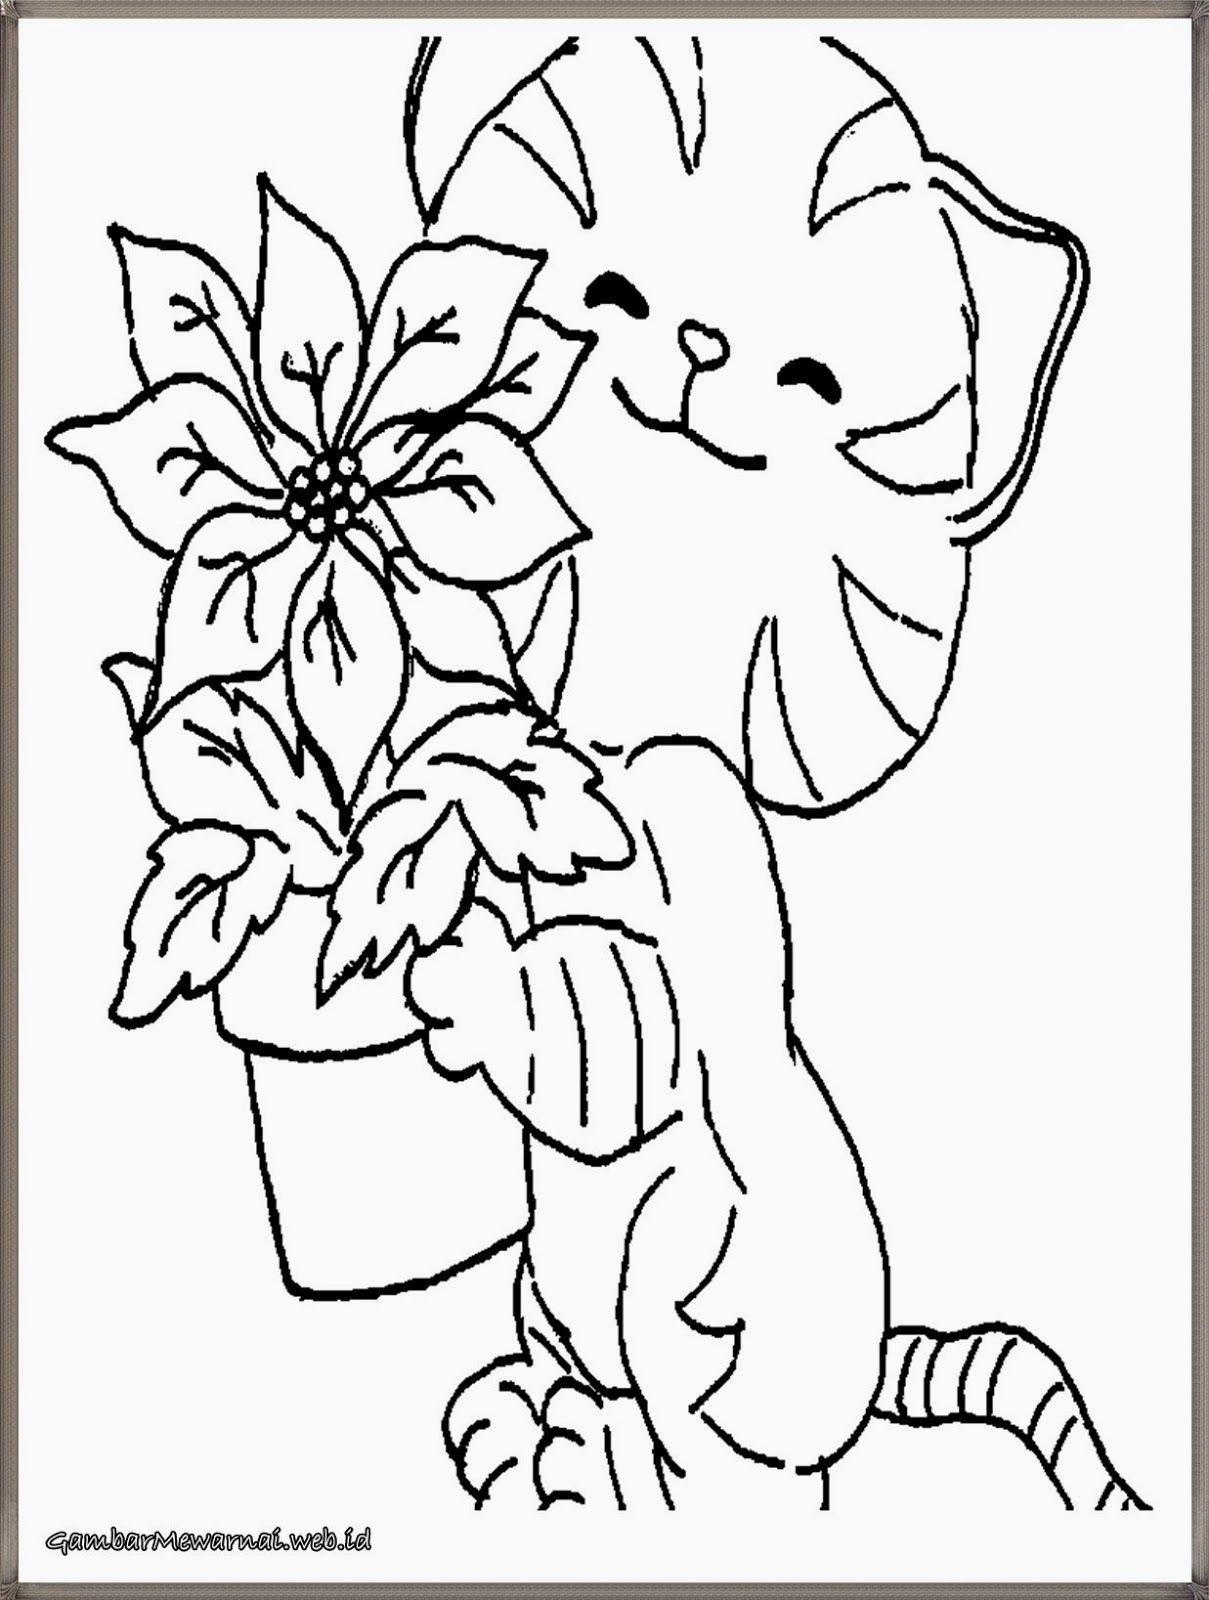 gambar bintang kucing hitam putih untuk diwarnai Warna